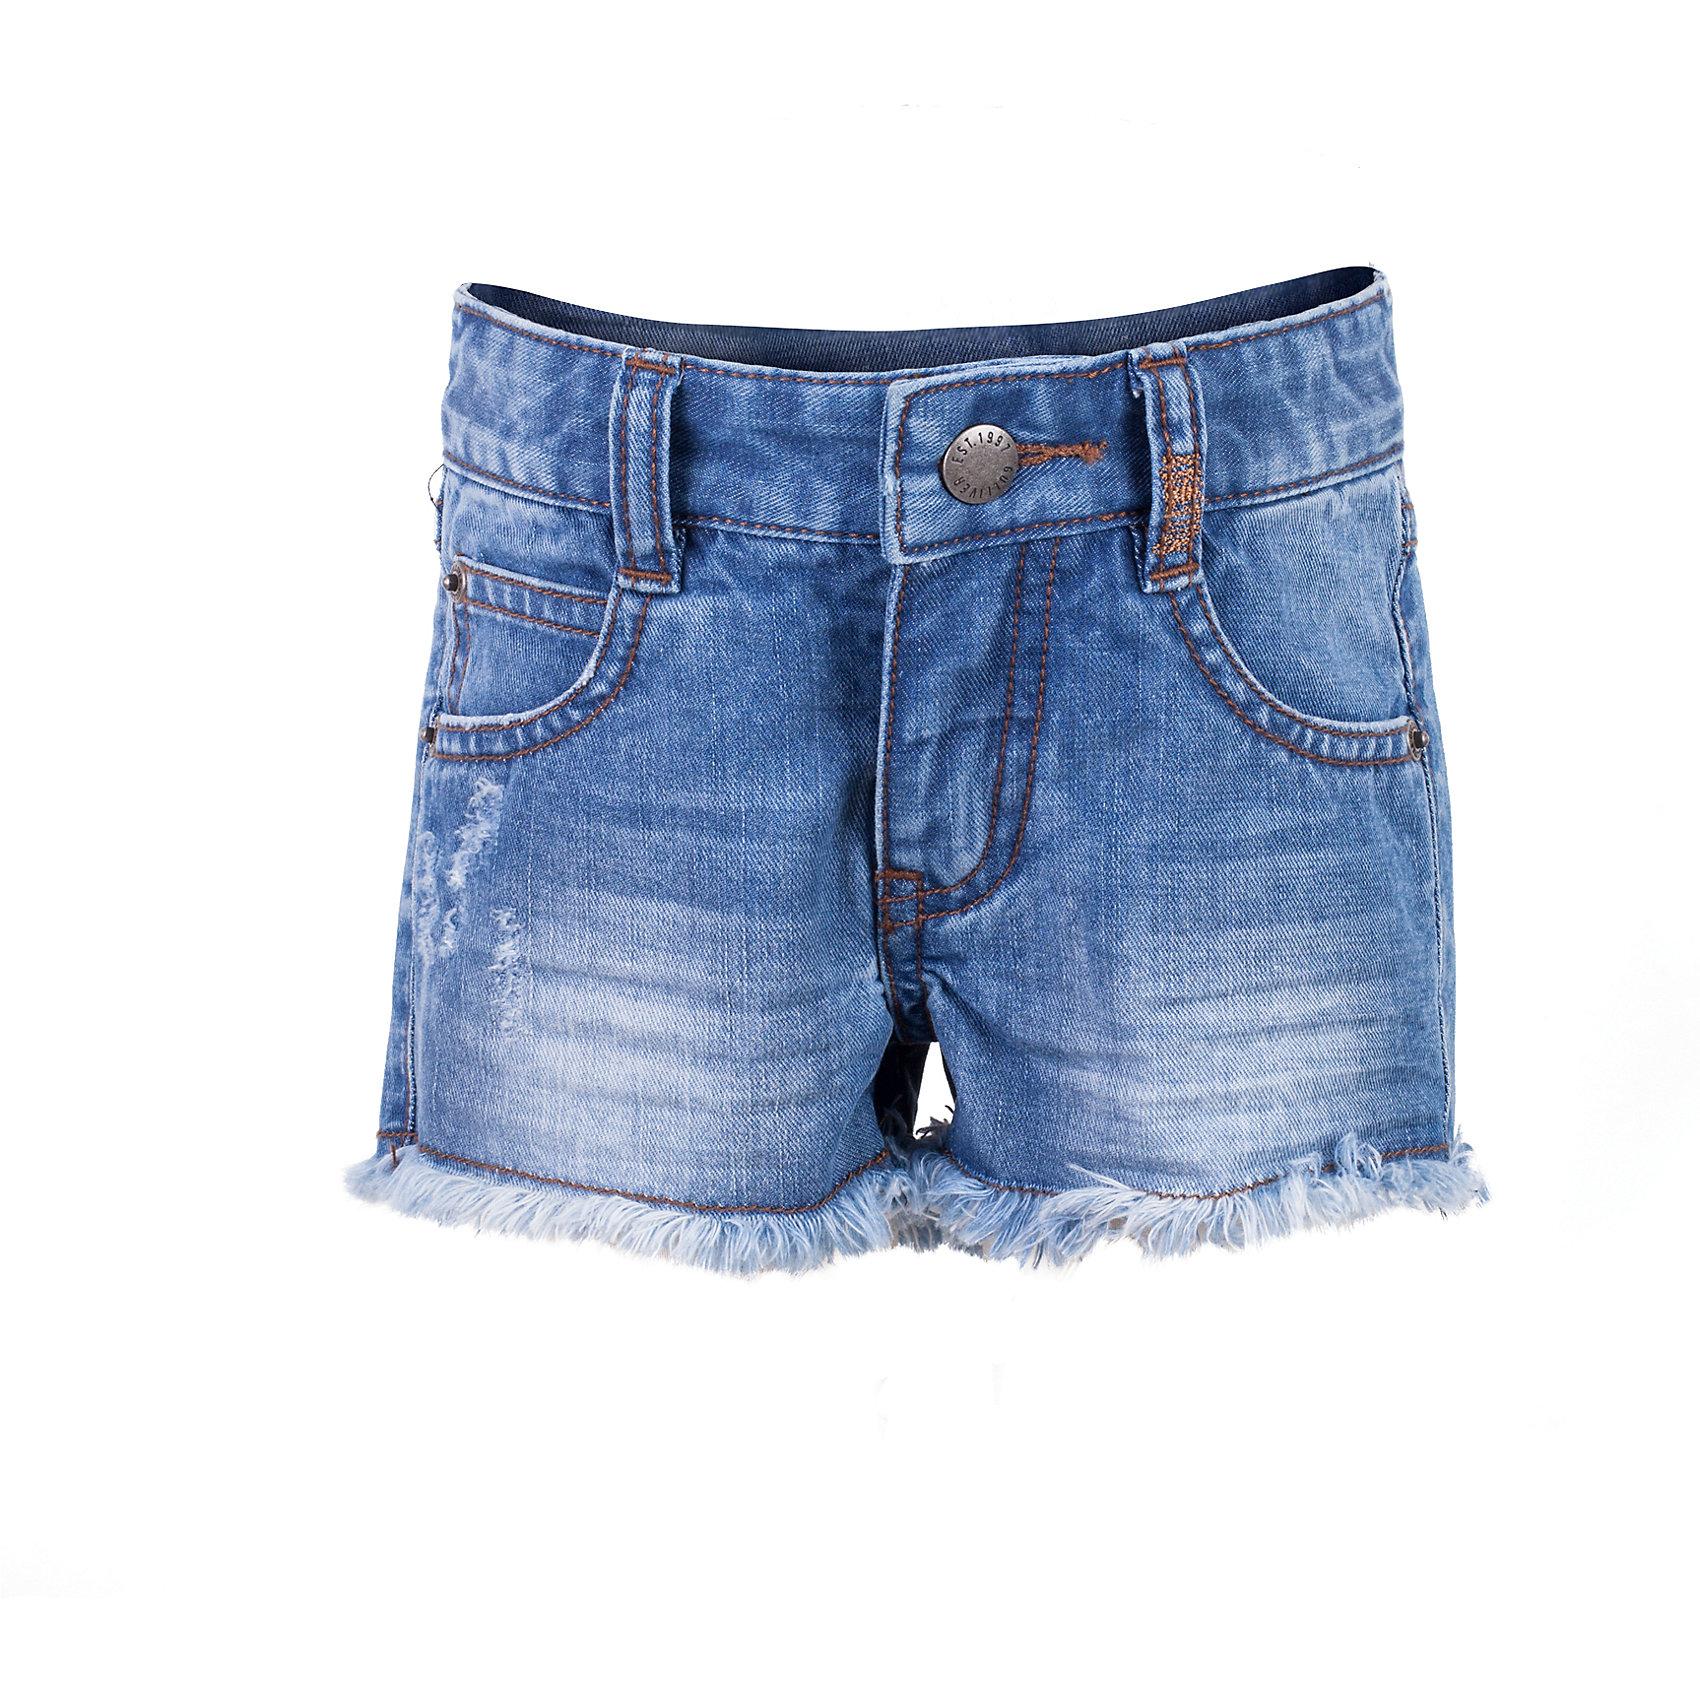 Шорты джинсовые для девочки GulliverШорты, бриджи, капри<br>Джинсовые шорты для девочки - необходимая вещь для летнего отдыха! Мягкие, удобные, комфортные, шорты выполнены из тонкой джинсы с выразительными потертостями и повреждениями. Если вы хотите сформировать правильный летний гардероб ребенка, вам стоит купить джинсовые шорты и вы убедитесь в их качестве, удобстве и практичности. Синие джинсовые шорты с брендированной металлической фурнитурой - отличный выбор для стильного комфортного лета!<br>Состав:<br>100% хлопок<br><br>Ширина мм: 191<br>Глубина мм: 10<br>Высота мм: 175<br>Вес г: 273<br>Цвет: синий<br>Возраст от месяцев: 36<br>Возраст до месяцев: 48<br>Пол: Женский<br>Возраст: Детский<br>Размер: 104,98,116,110<br>SKU: 5483720